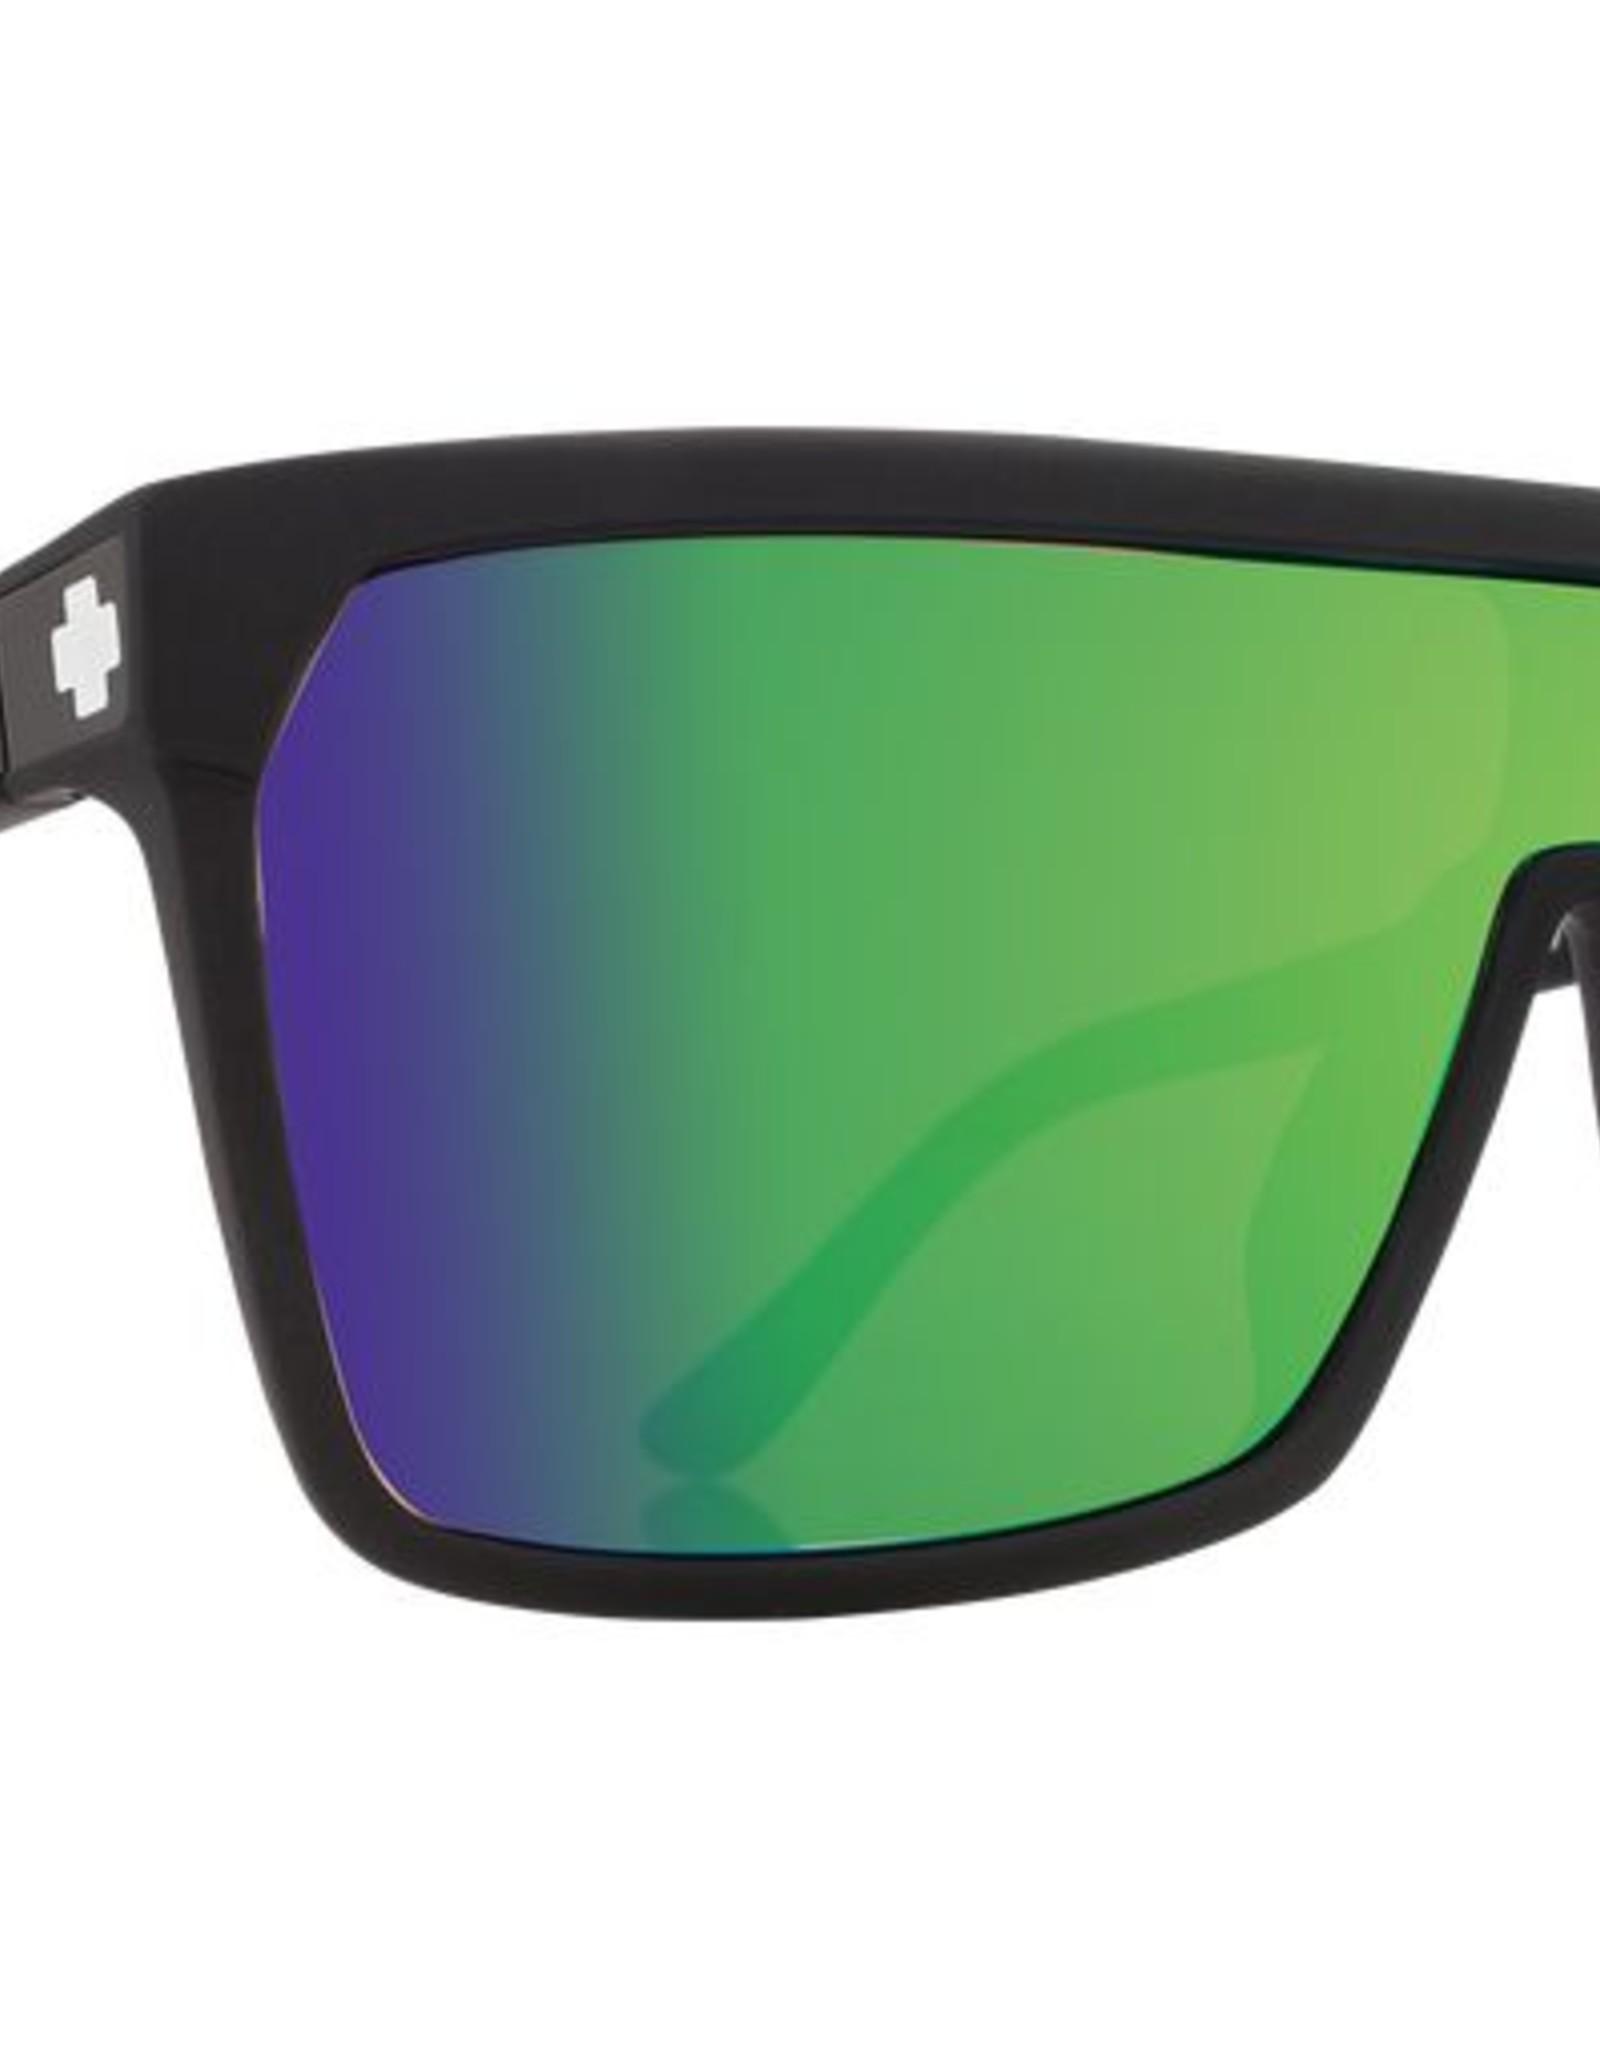 SPY SPY - FLYNN - Matte Black w/ Green Spectra